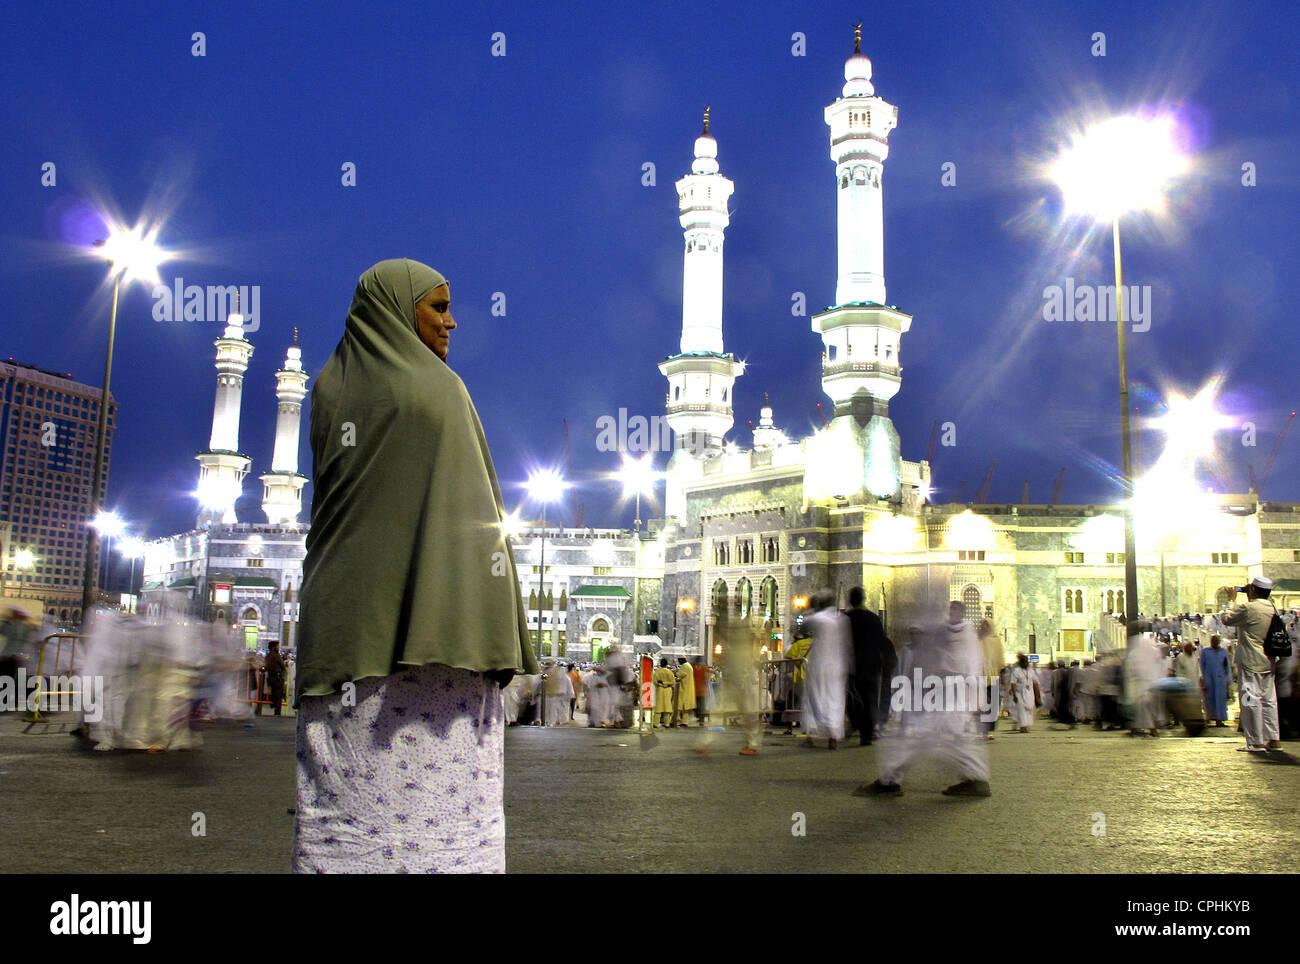 Peregrinación a la Meca, la mezquita de Al Haram y la Kaaba Arabia Saudita Imagen De Stock